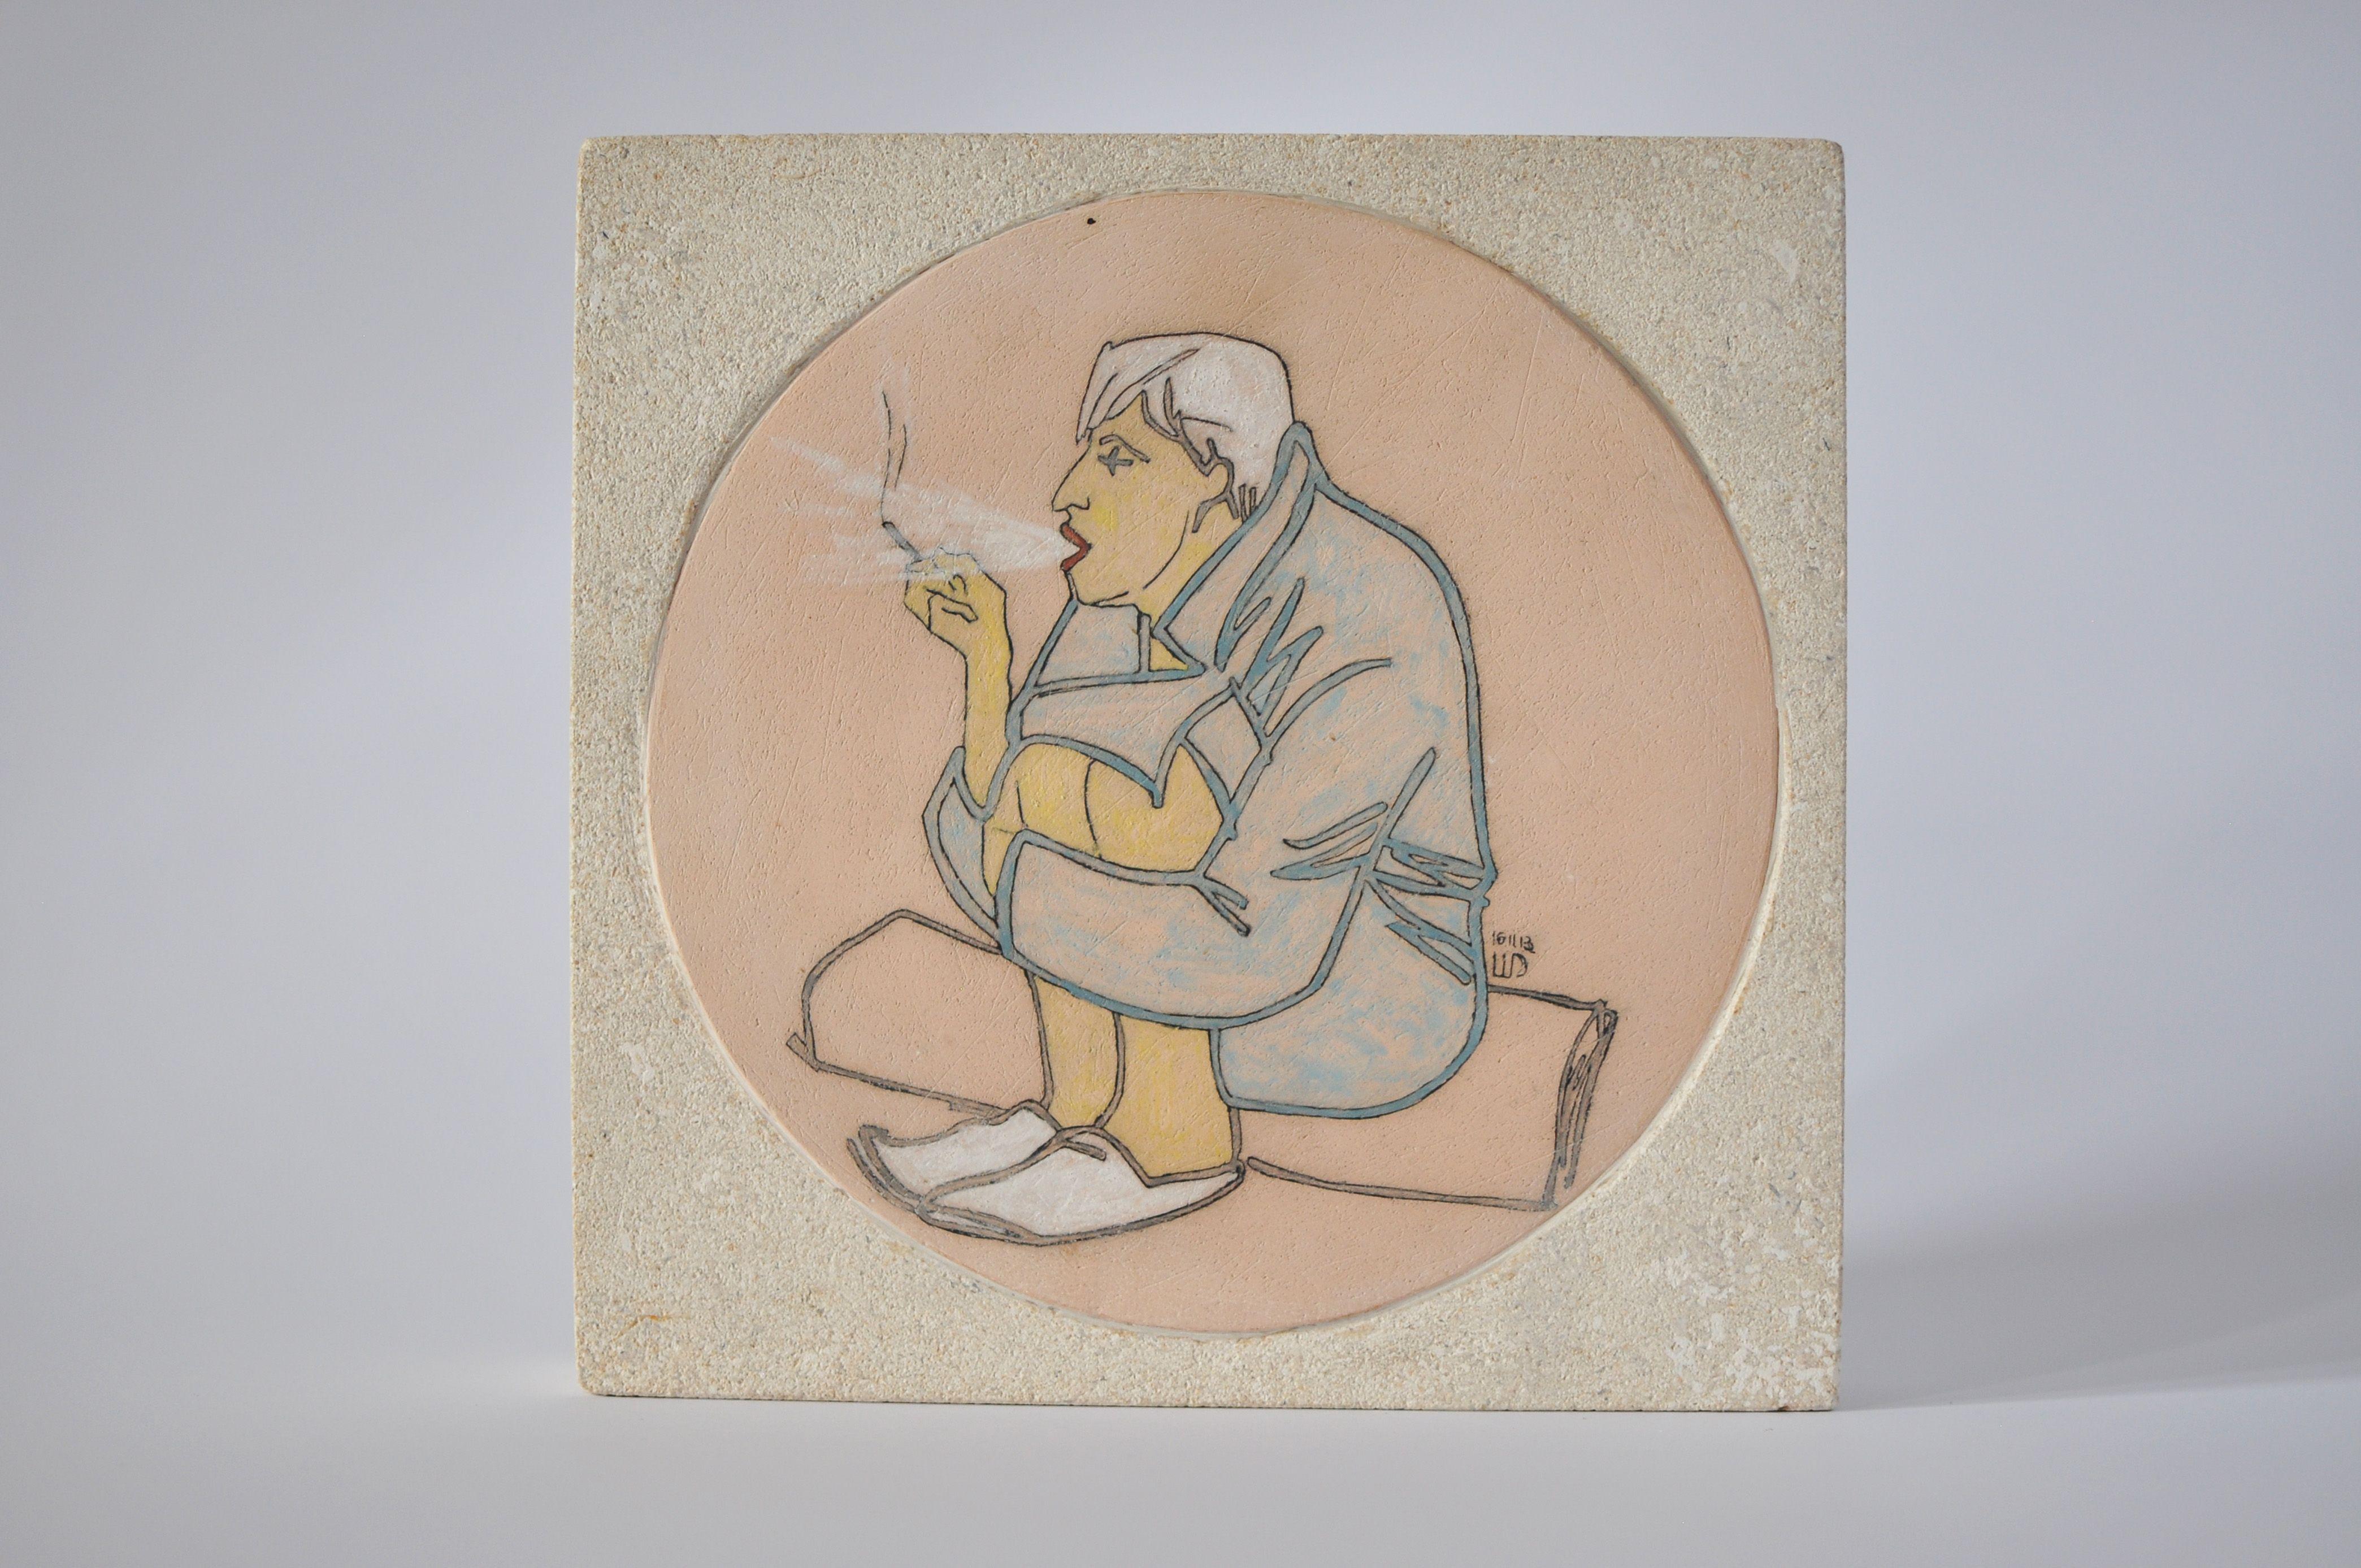 Денис Шиманський. БУМ курить, 2013; кераміка, вапняк